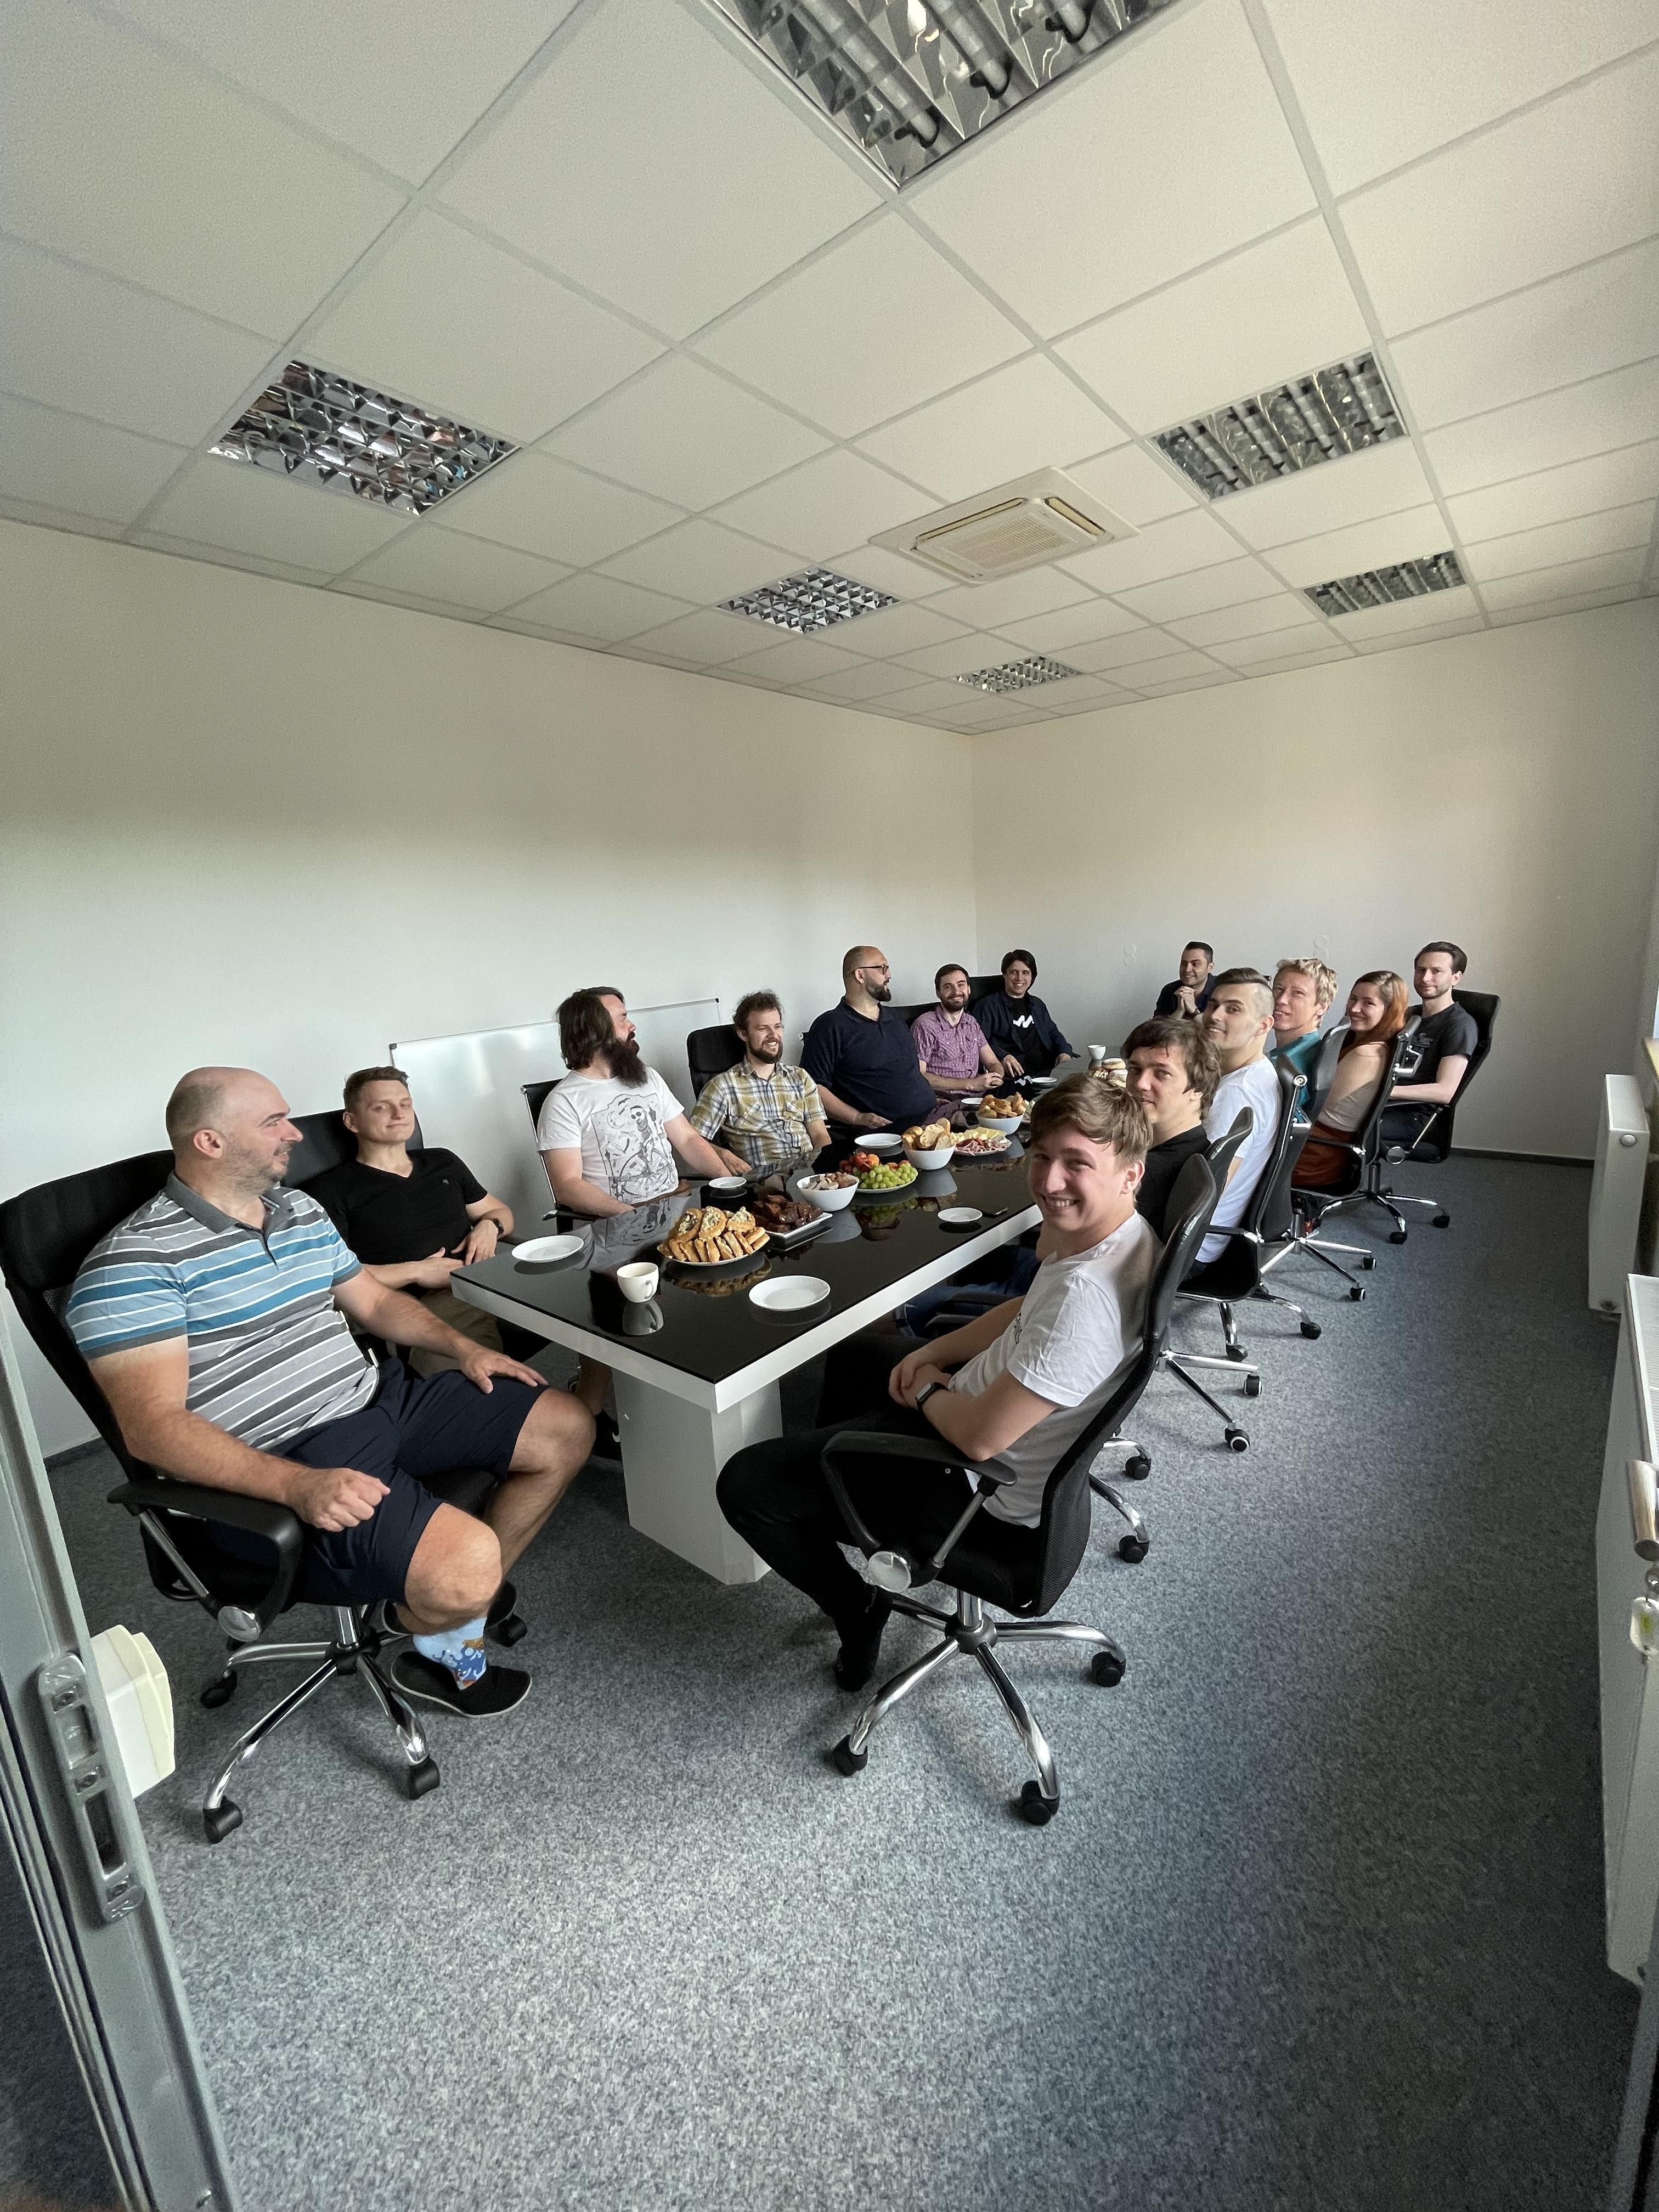 Společné setkávání v kanceláři